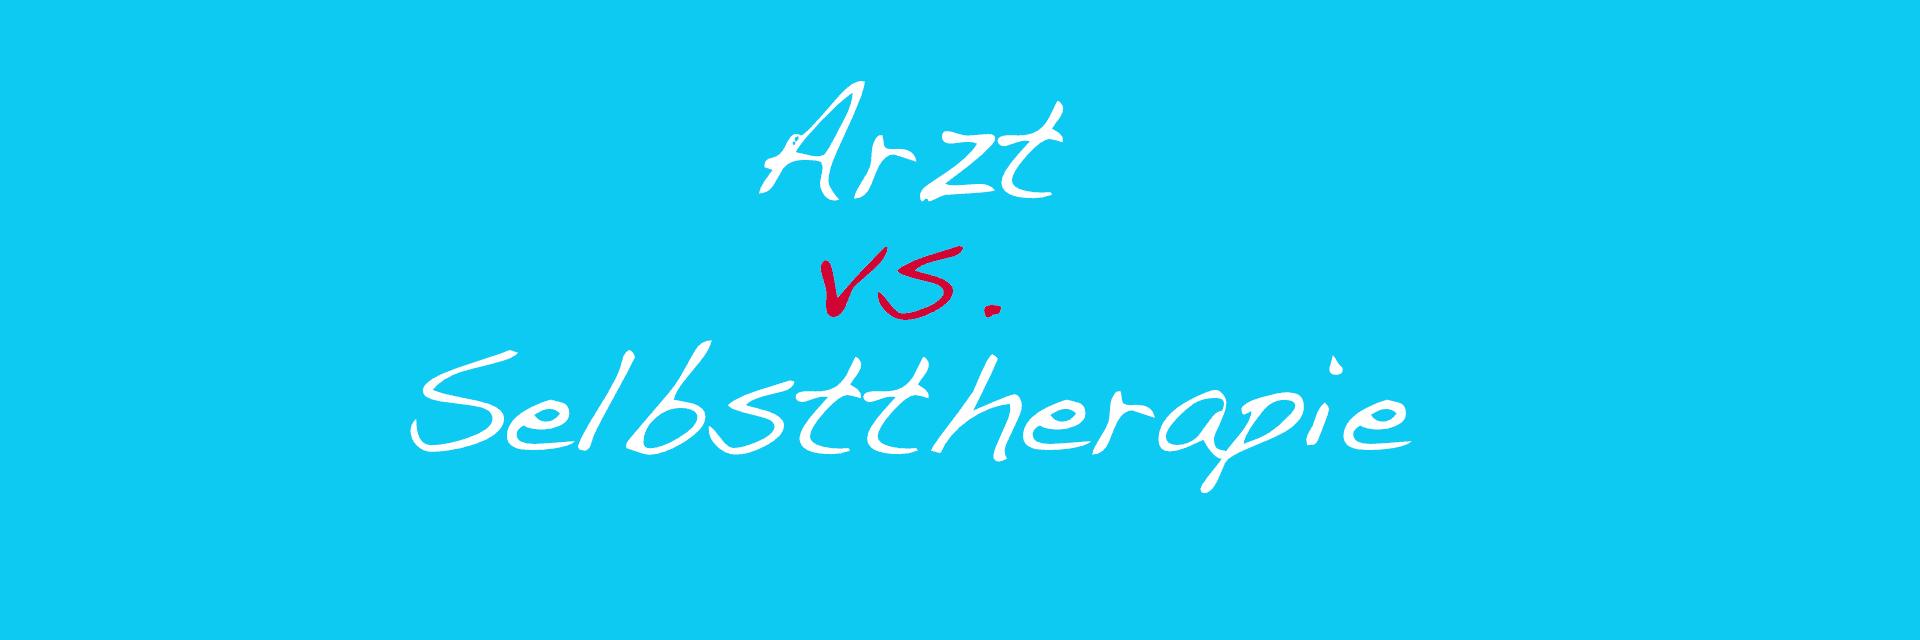 Arzt vs Selbsttherapie